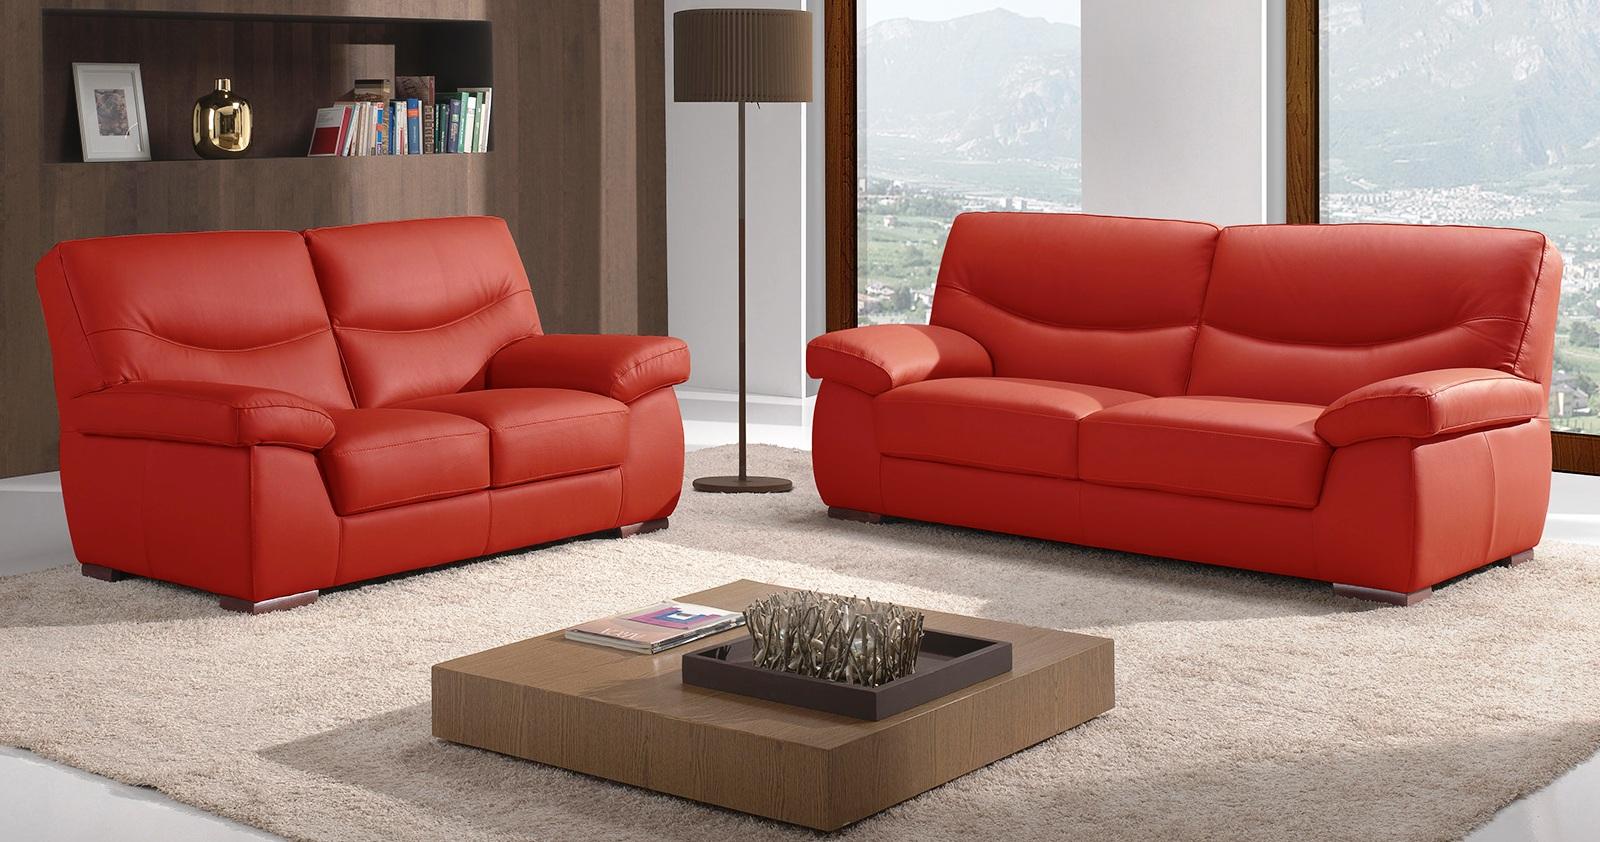 Choisir un salon 3 2 en cuir ou un salon d angle sur Univers du Cuir